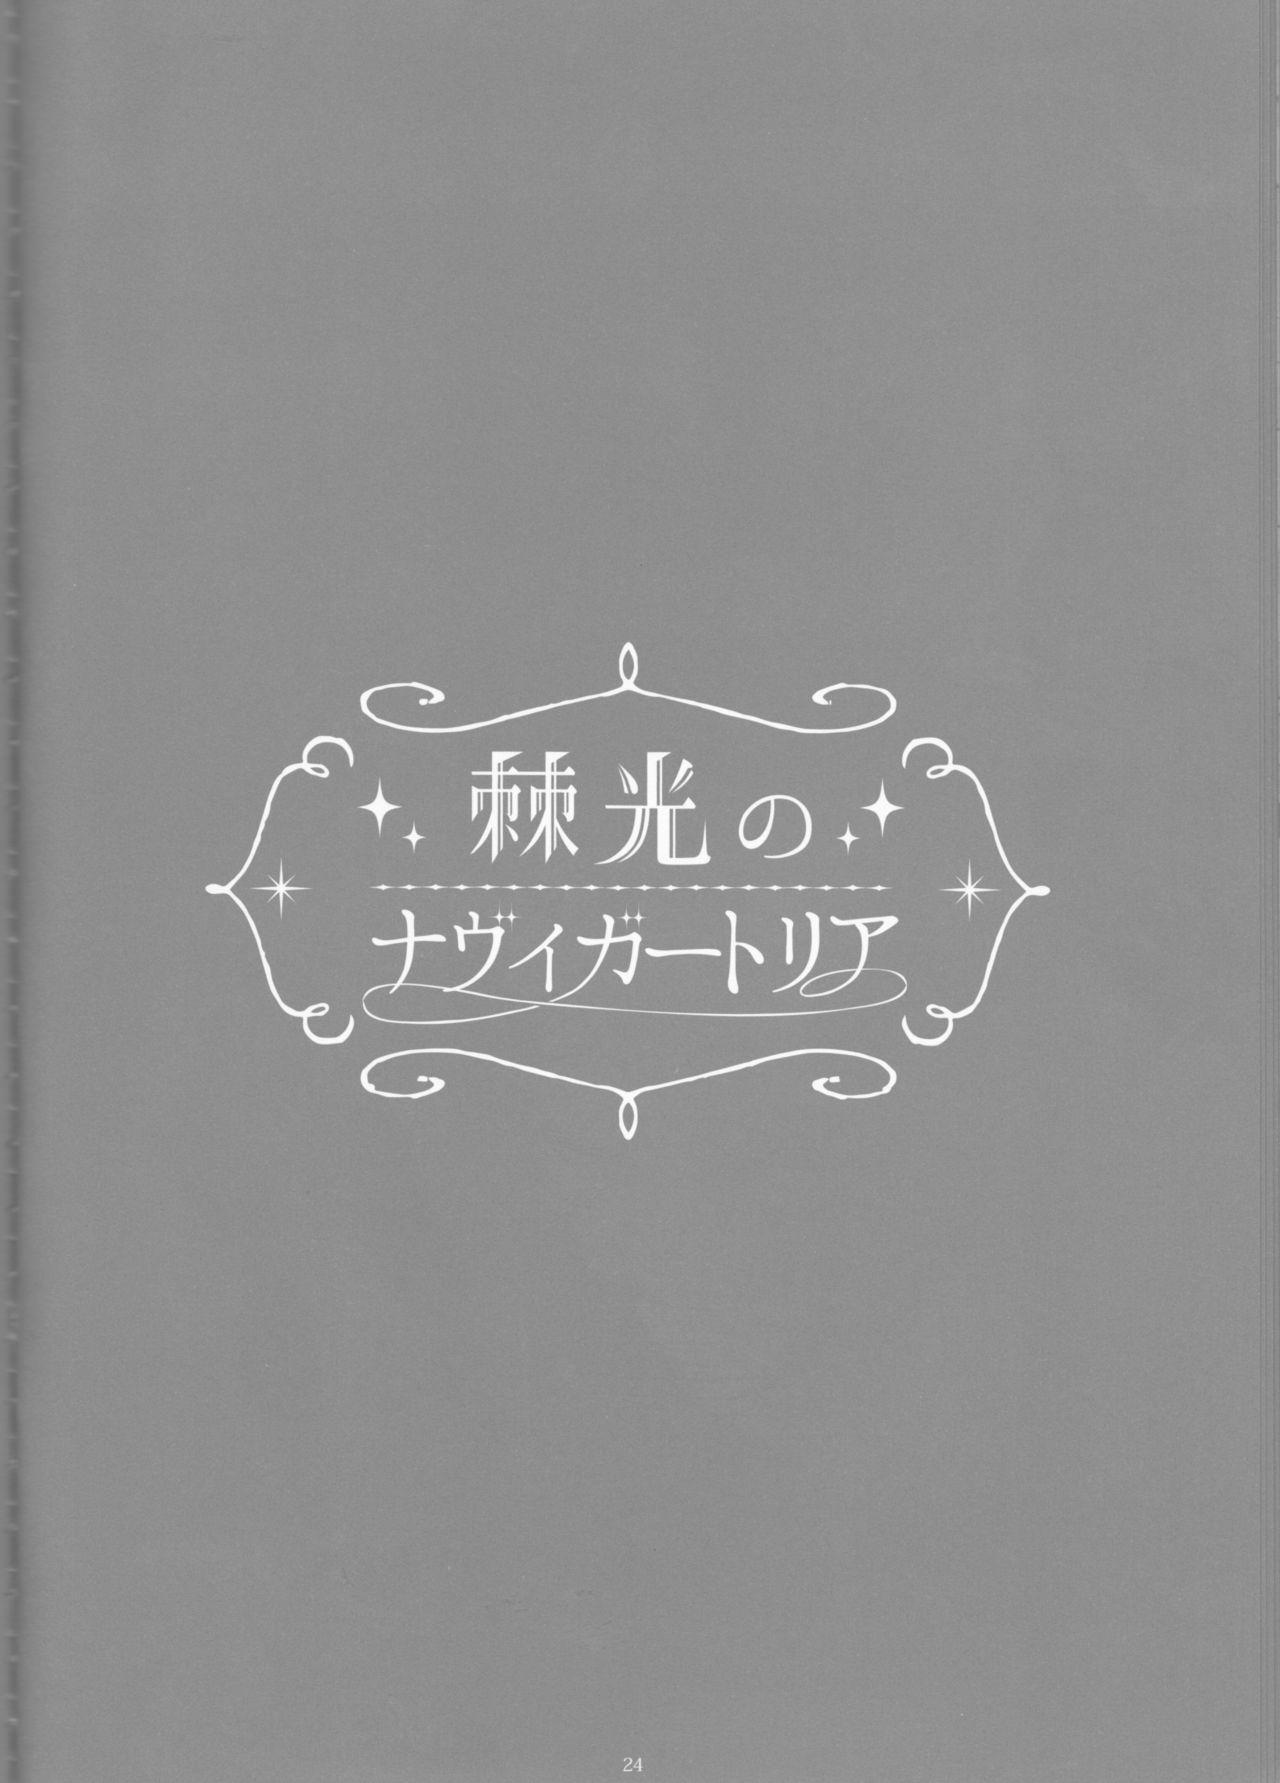 Toge hikari no navu~igātoria book 2(blue exorcist] 21